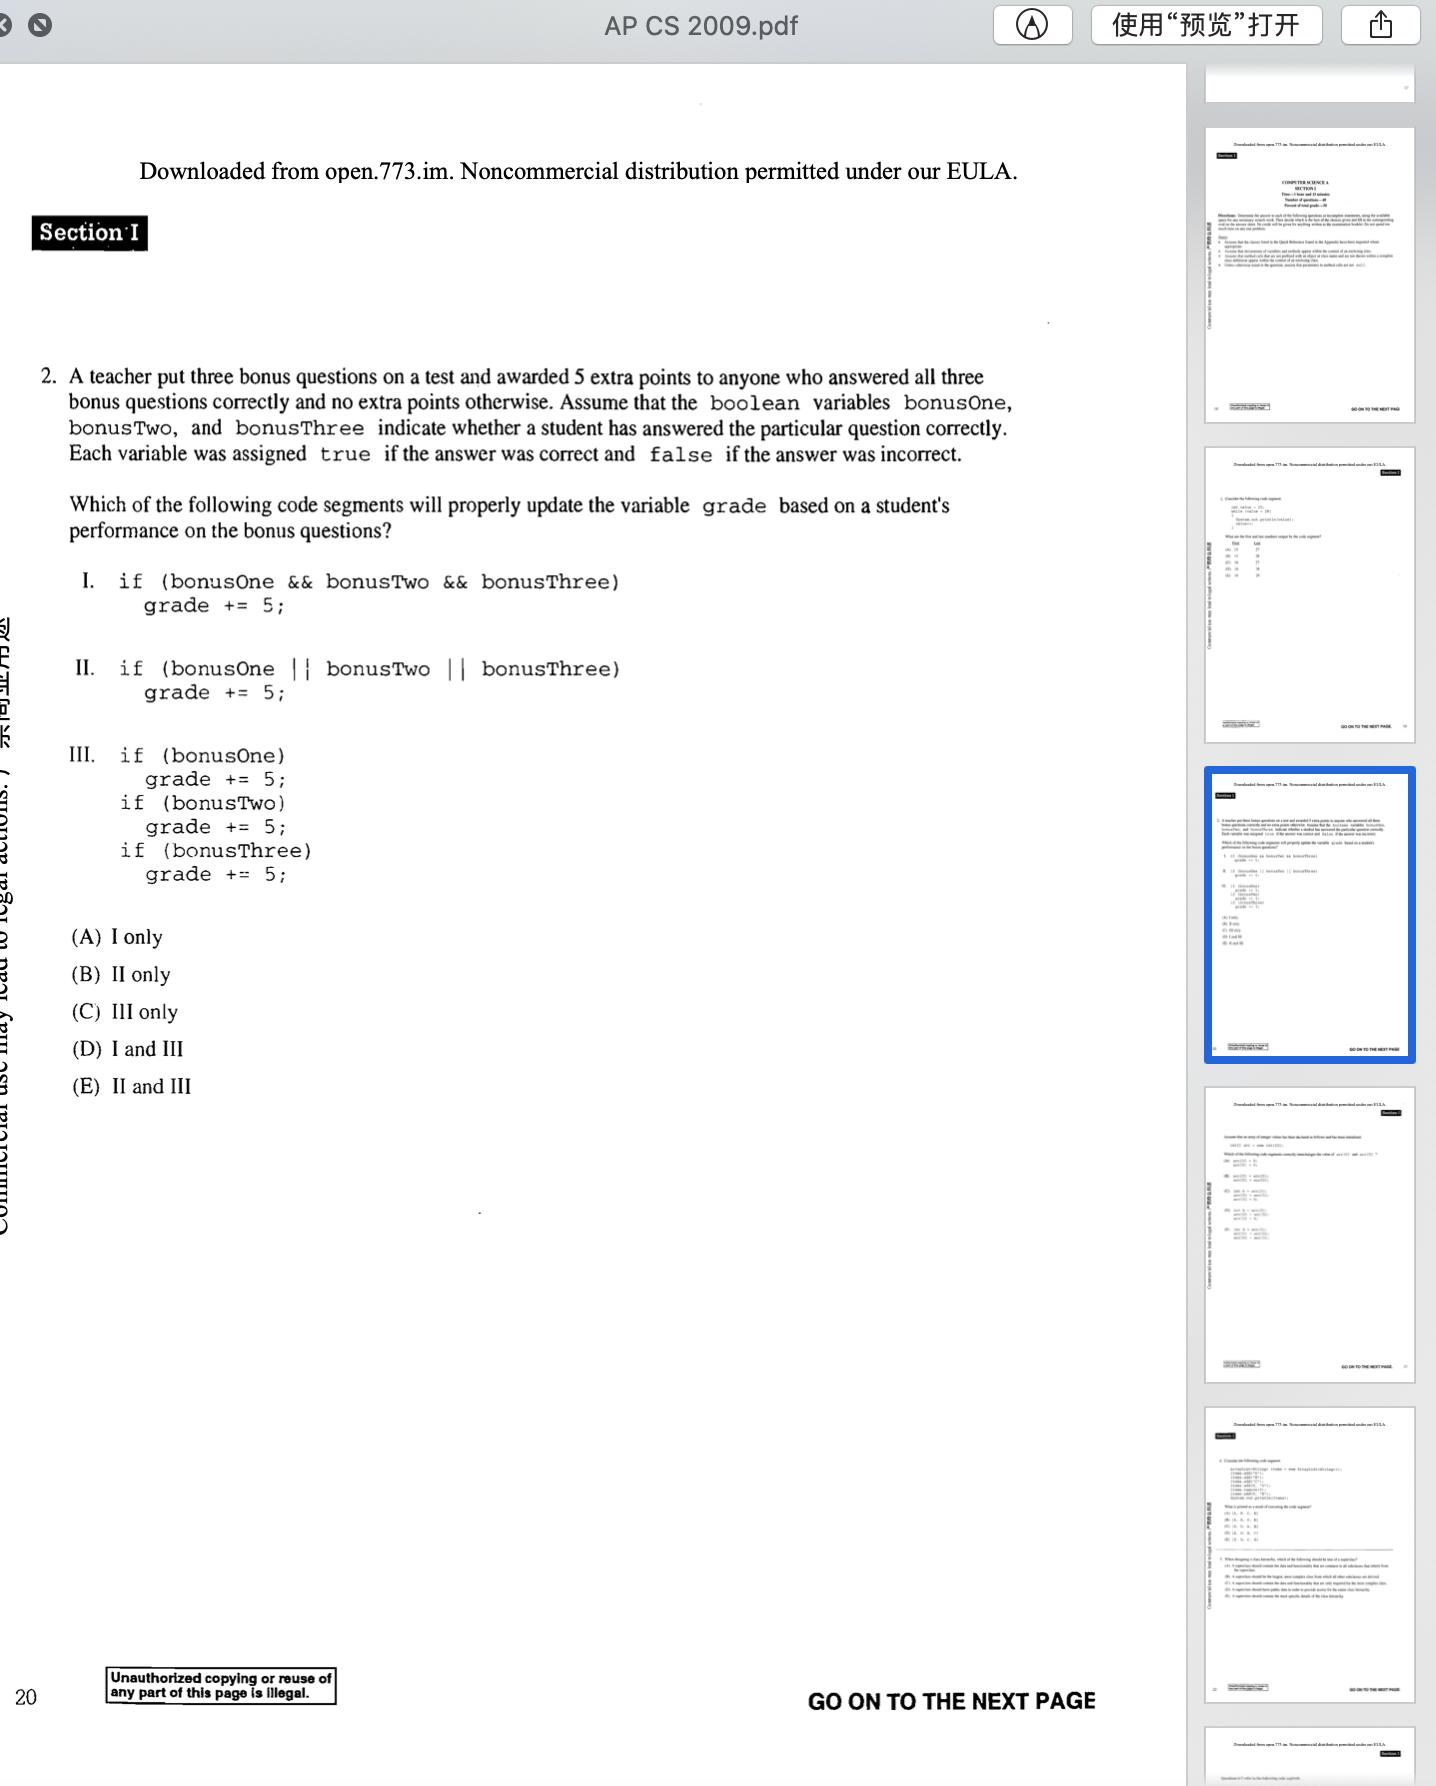 2009年AP CS-计算机真题下载-选择题下载